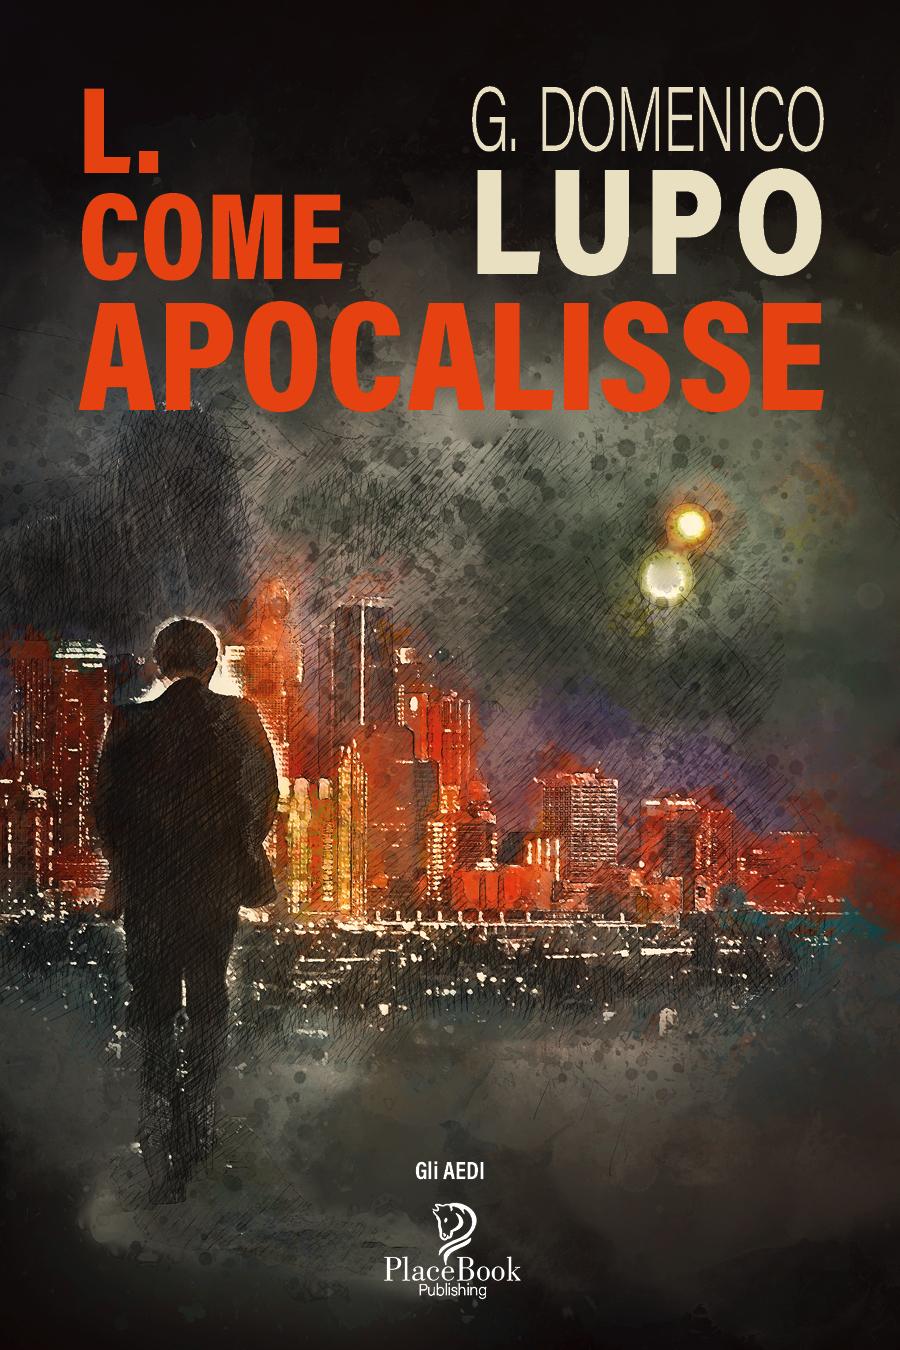 L.COME APOCALISSE